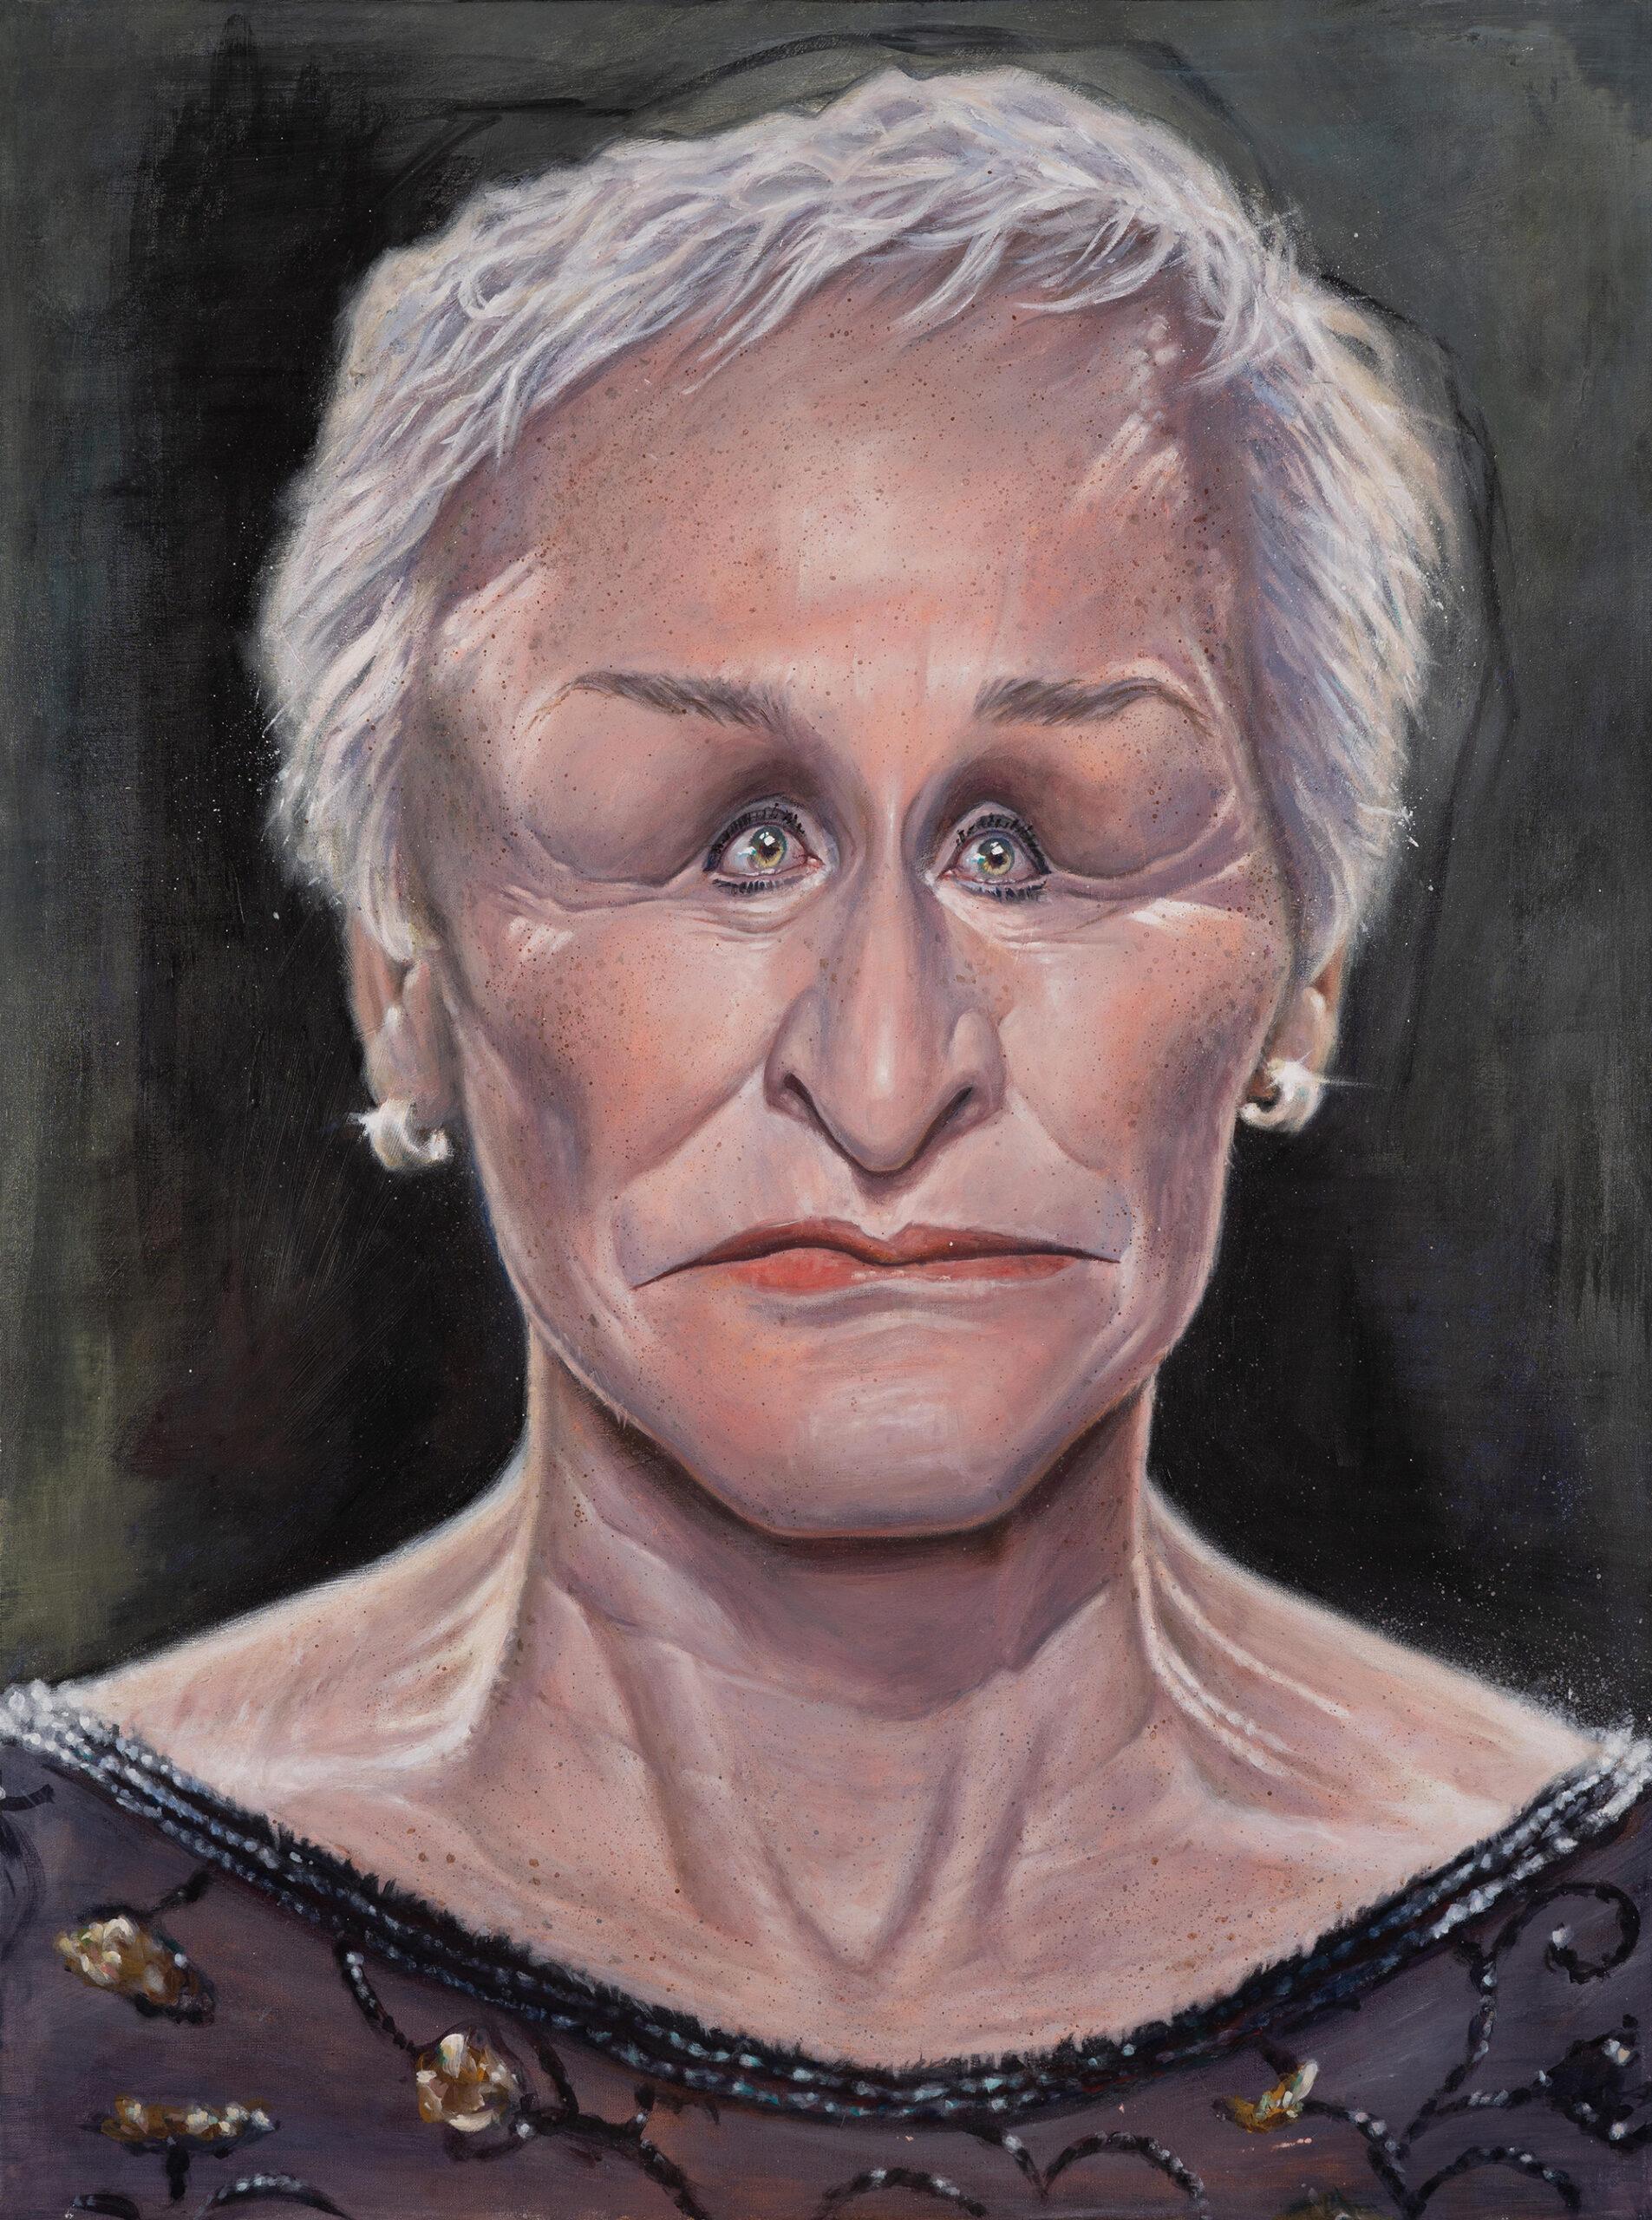 Glenn Close portrait by Derren Brown